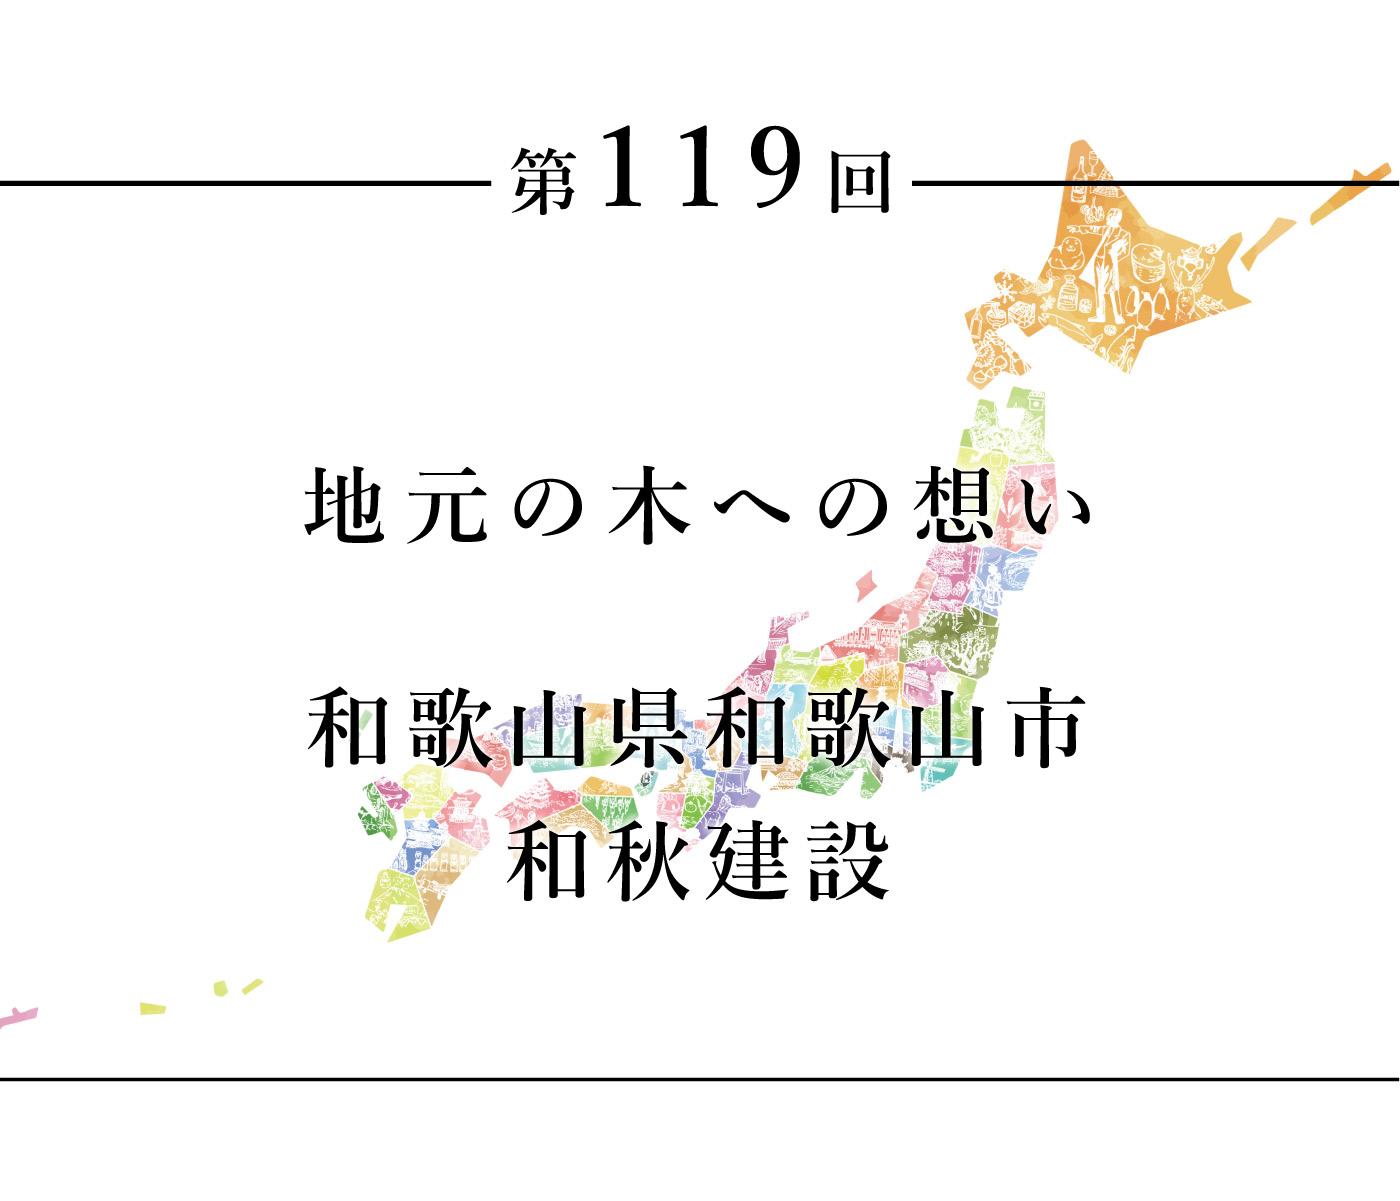 ちいきのたより第119回地元の木への想い 和歌山県和歌山市和秋建設